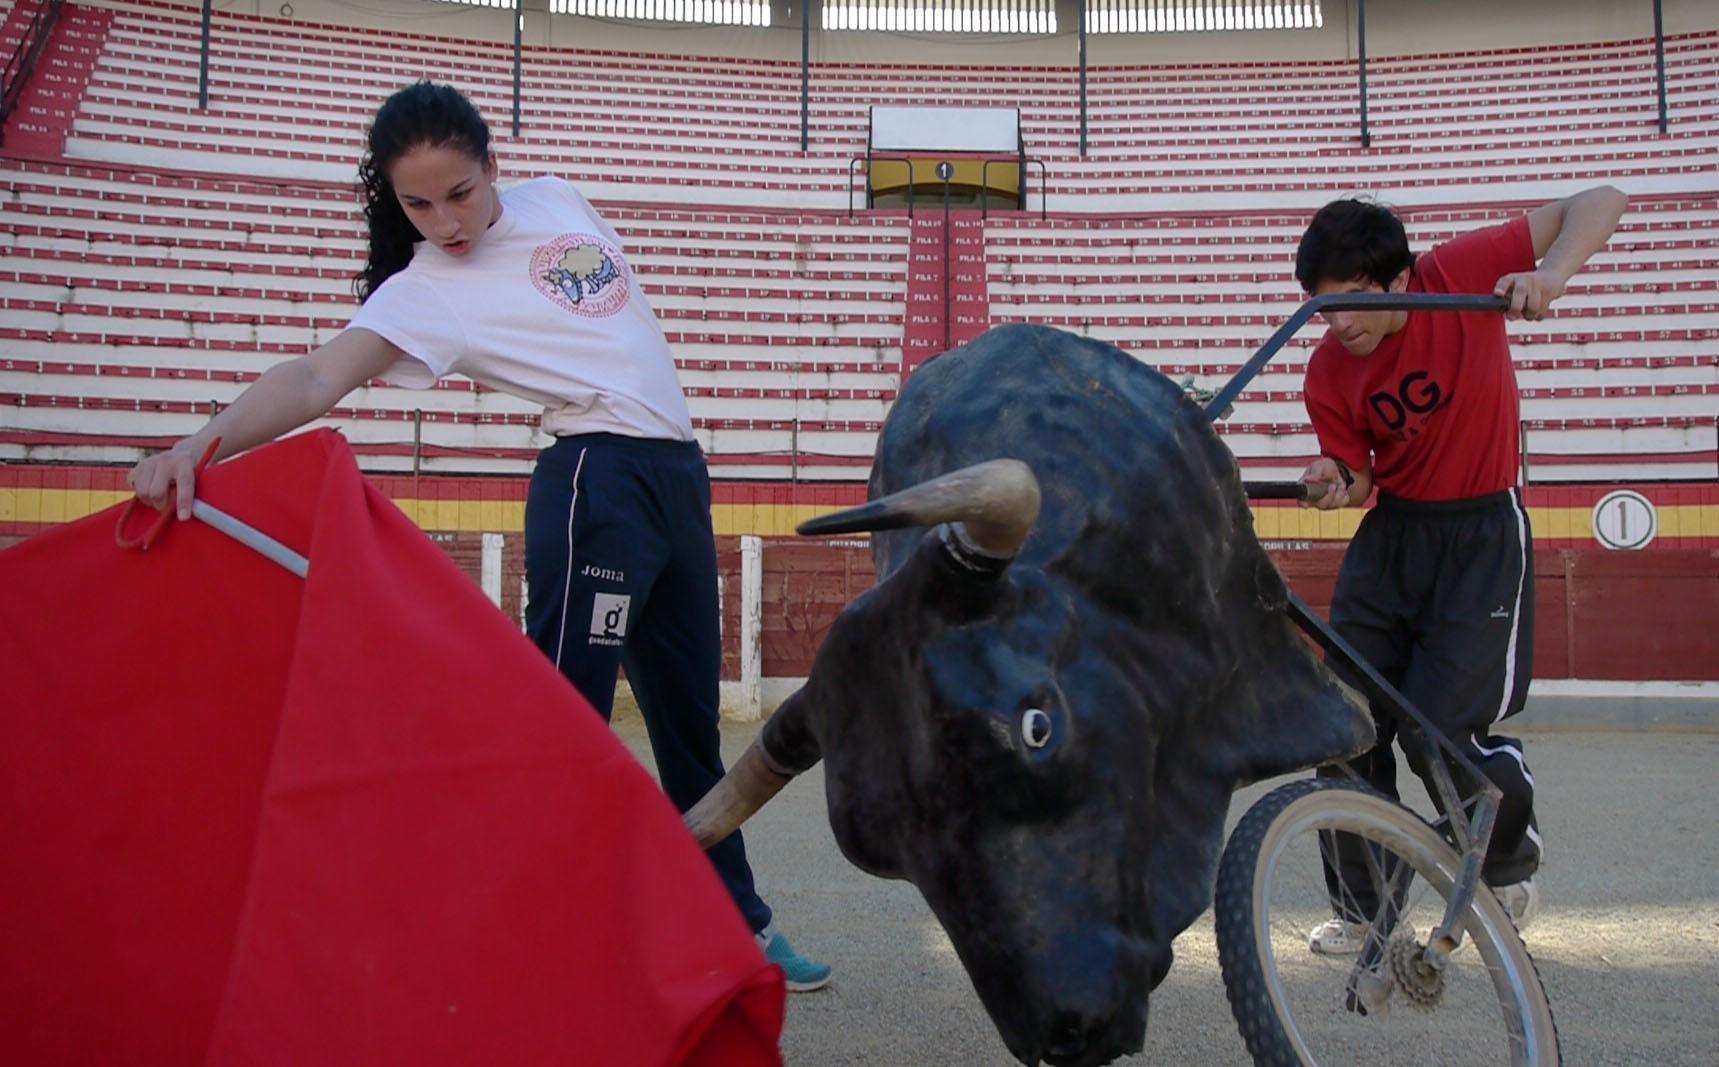 Una alumna de la escuela taurina de Jaén practicando, elmundo.es, 2015.